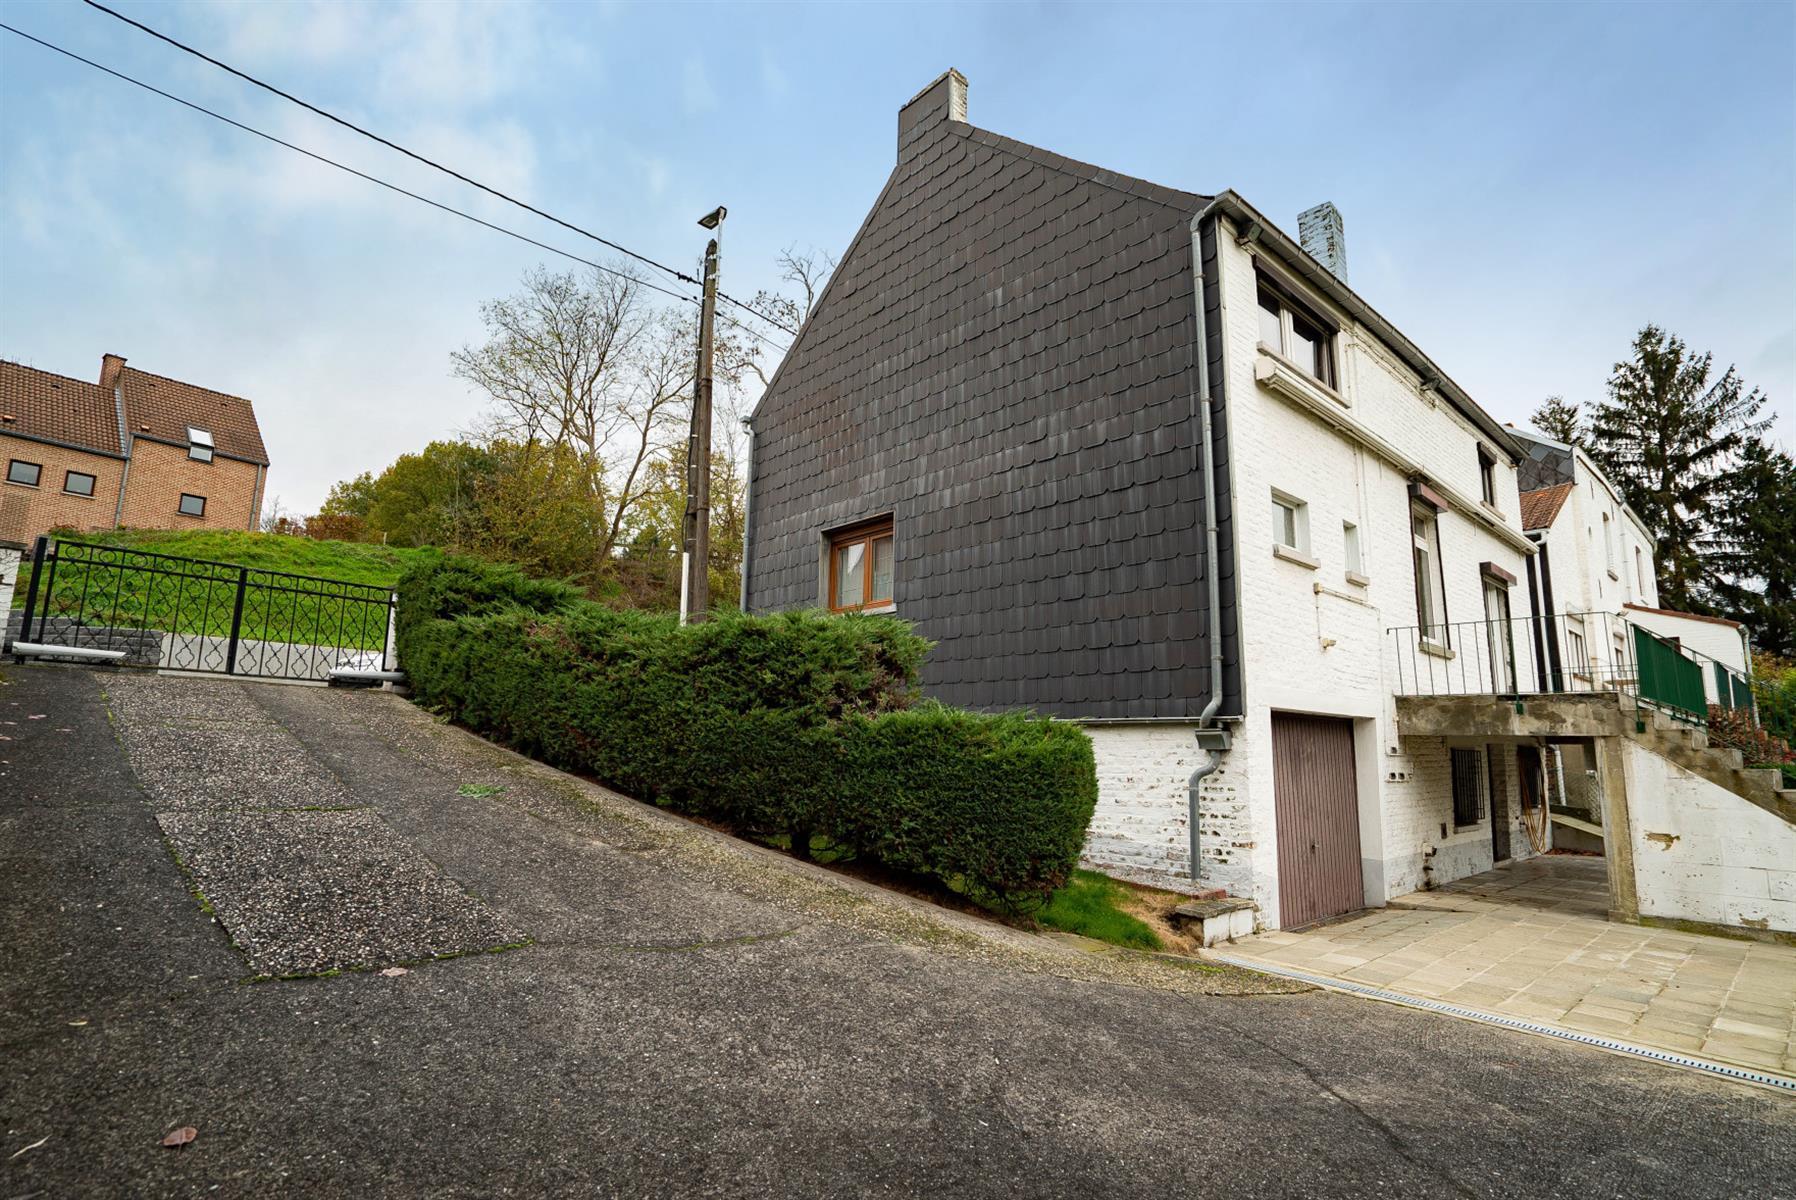 Maison - Court-saint-Étienne - #4190664-14